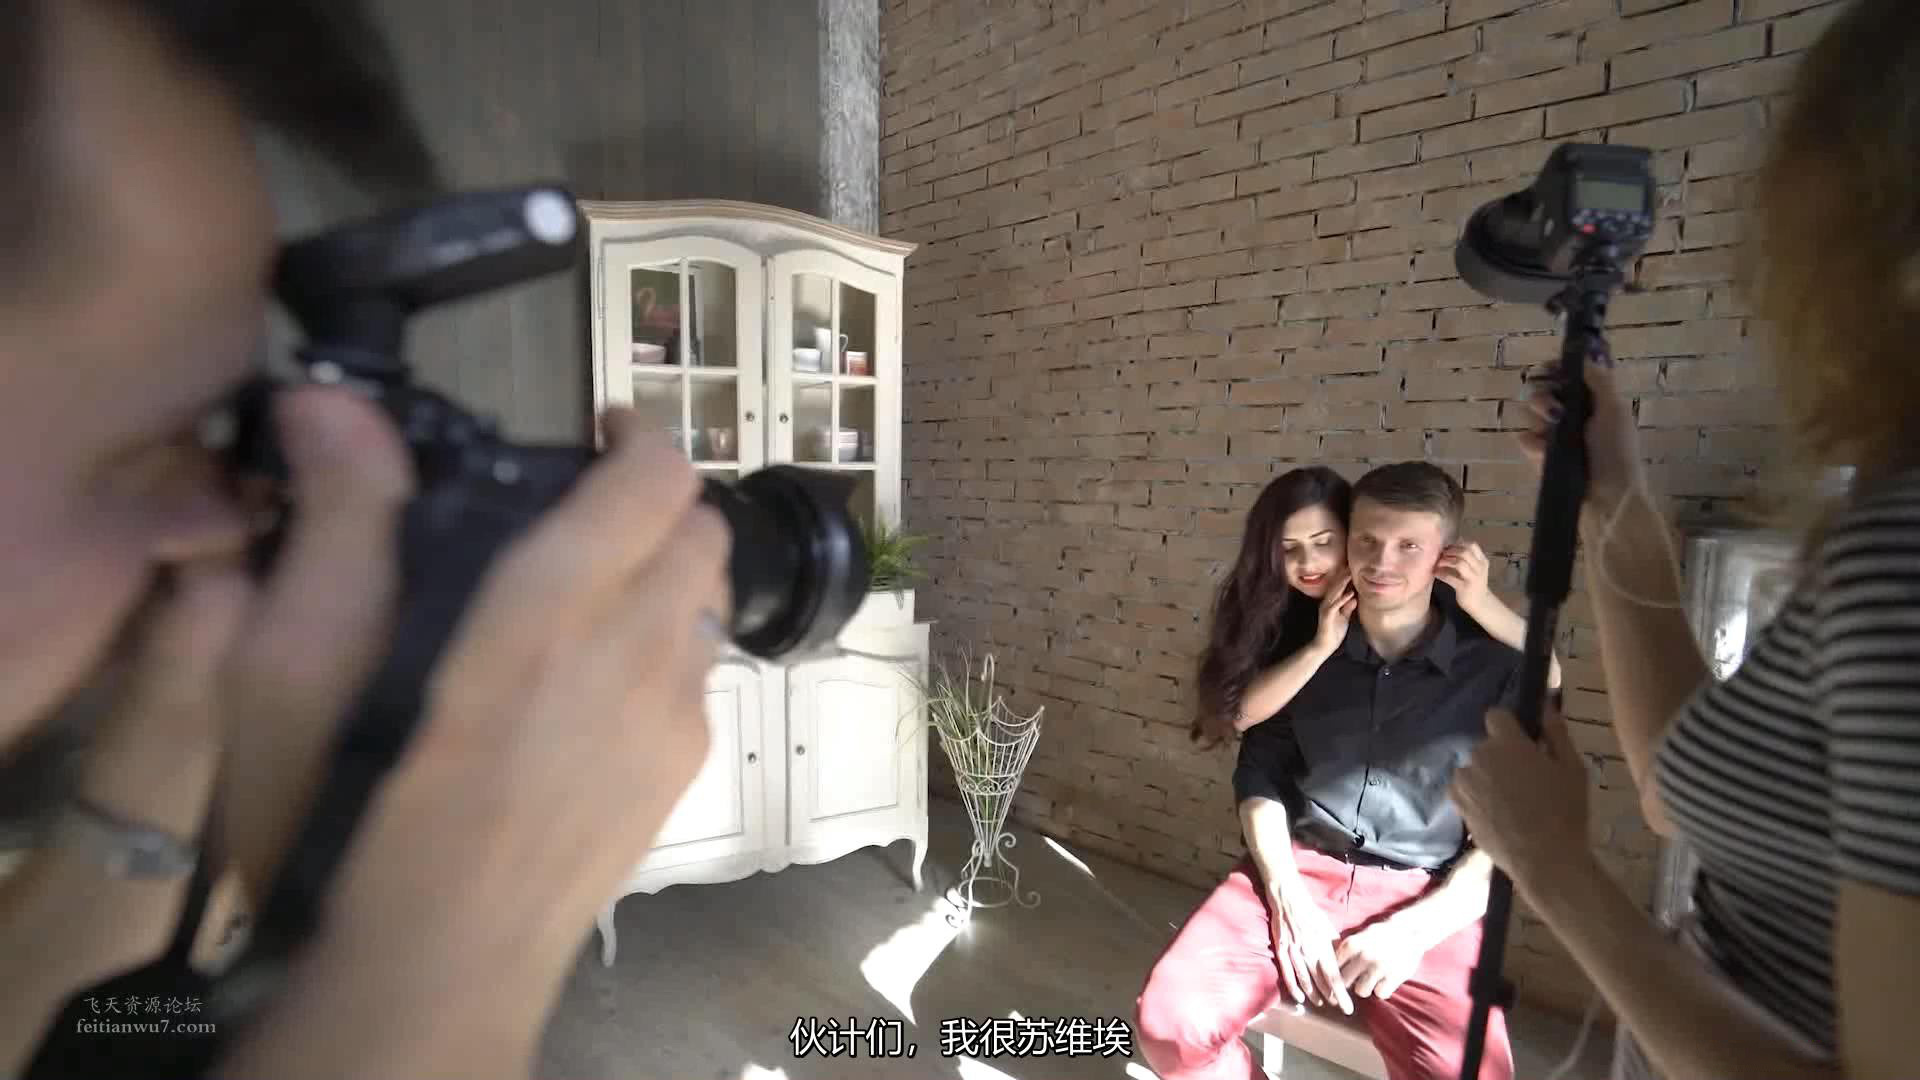 摄影教程_Alexey Gaidin实践30多种人造光闪光灯摄影布光教程-中文字幕 摄影教程 _预览图11